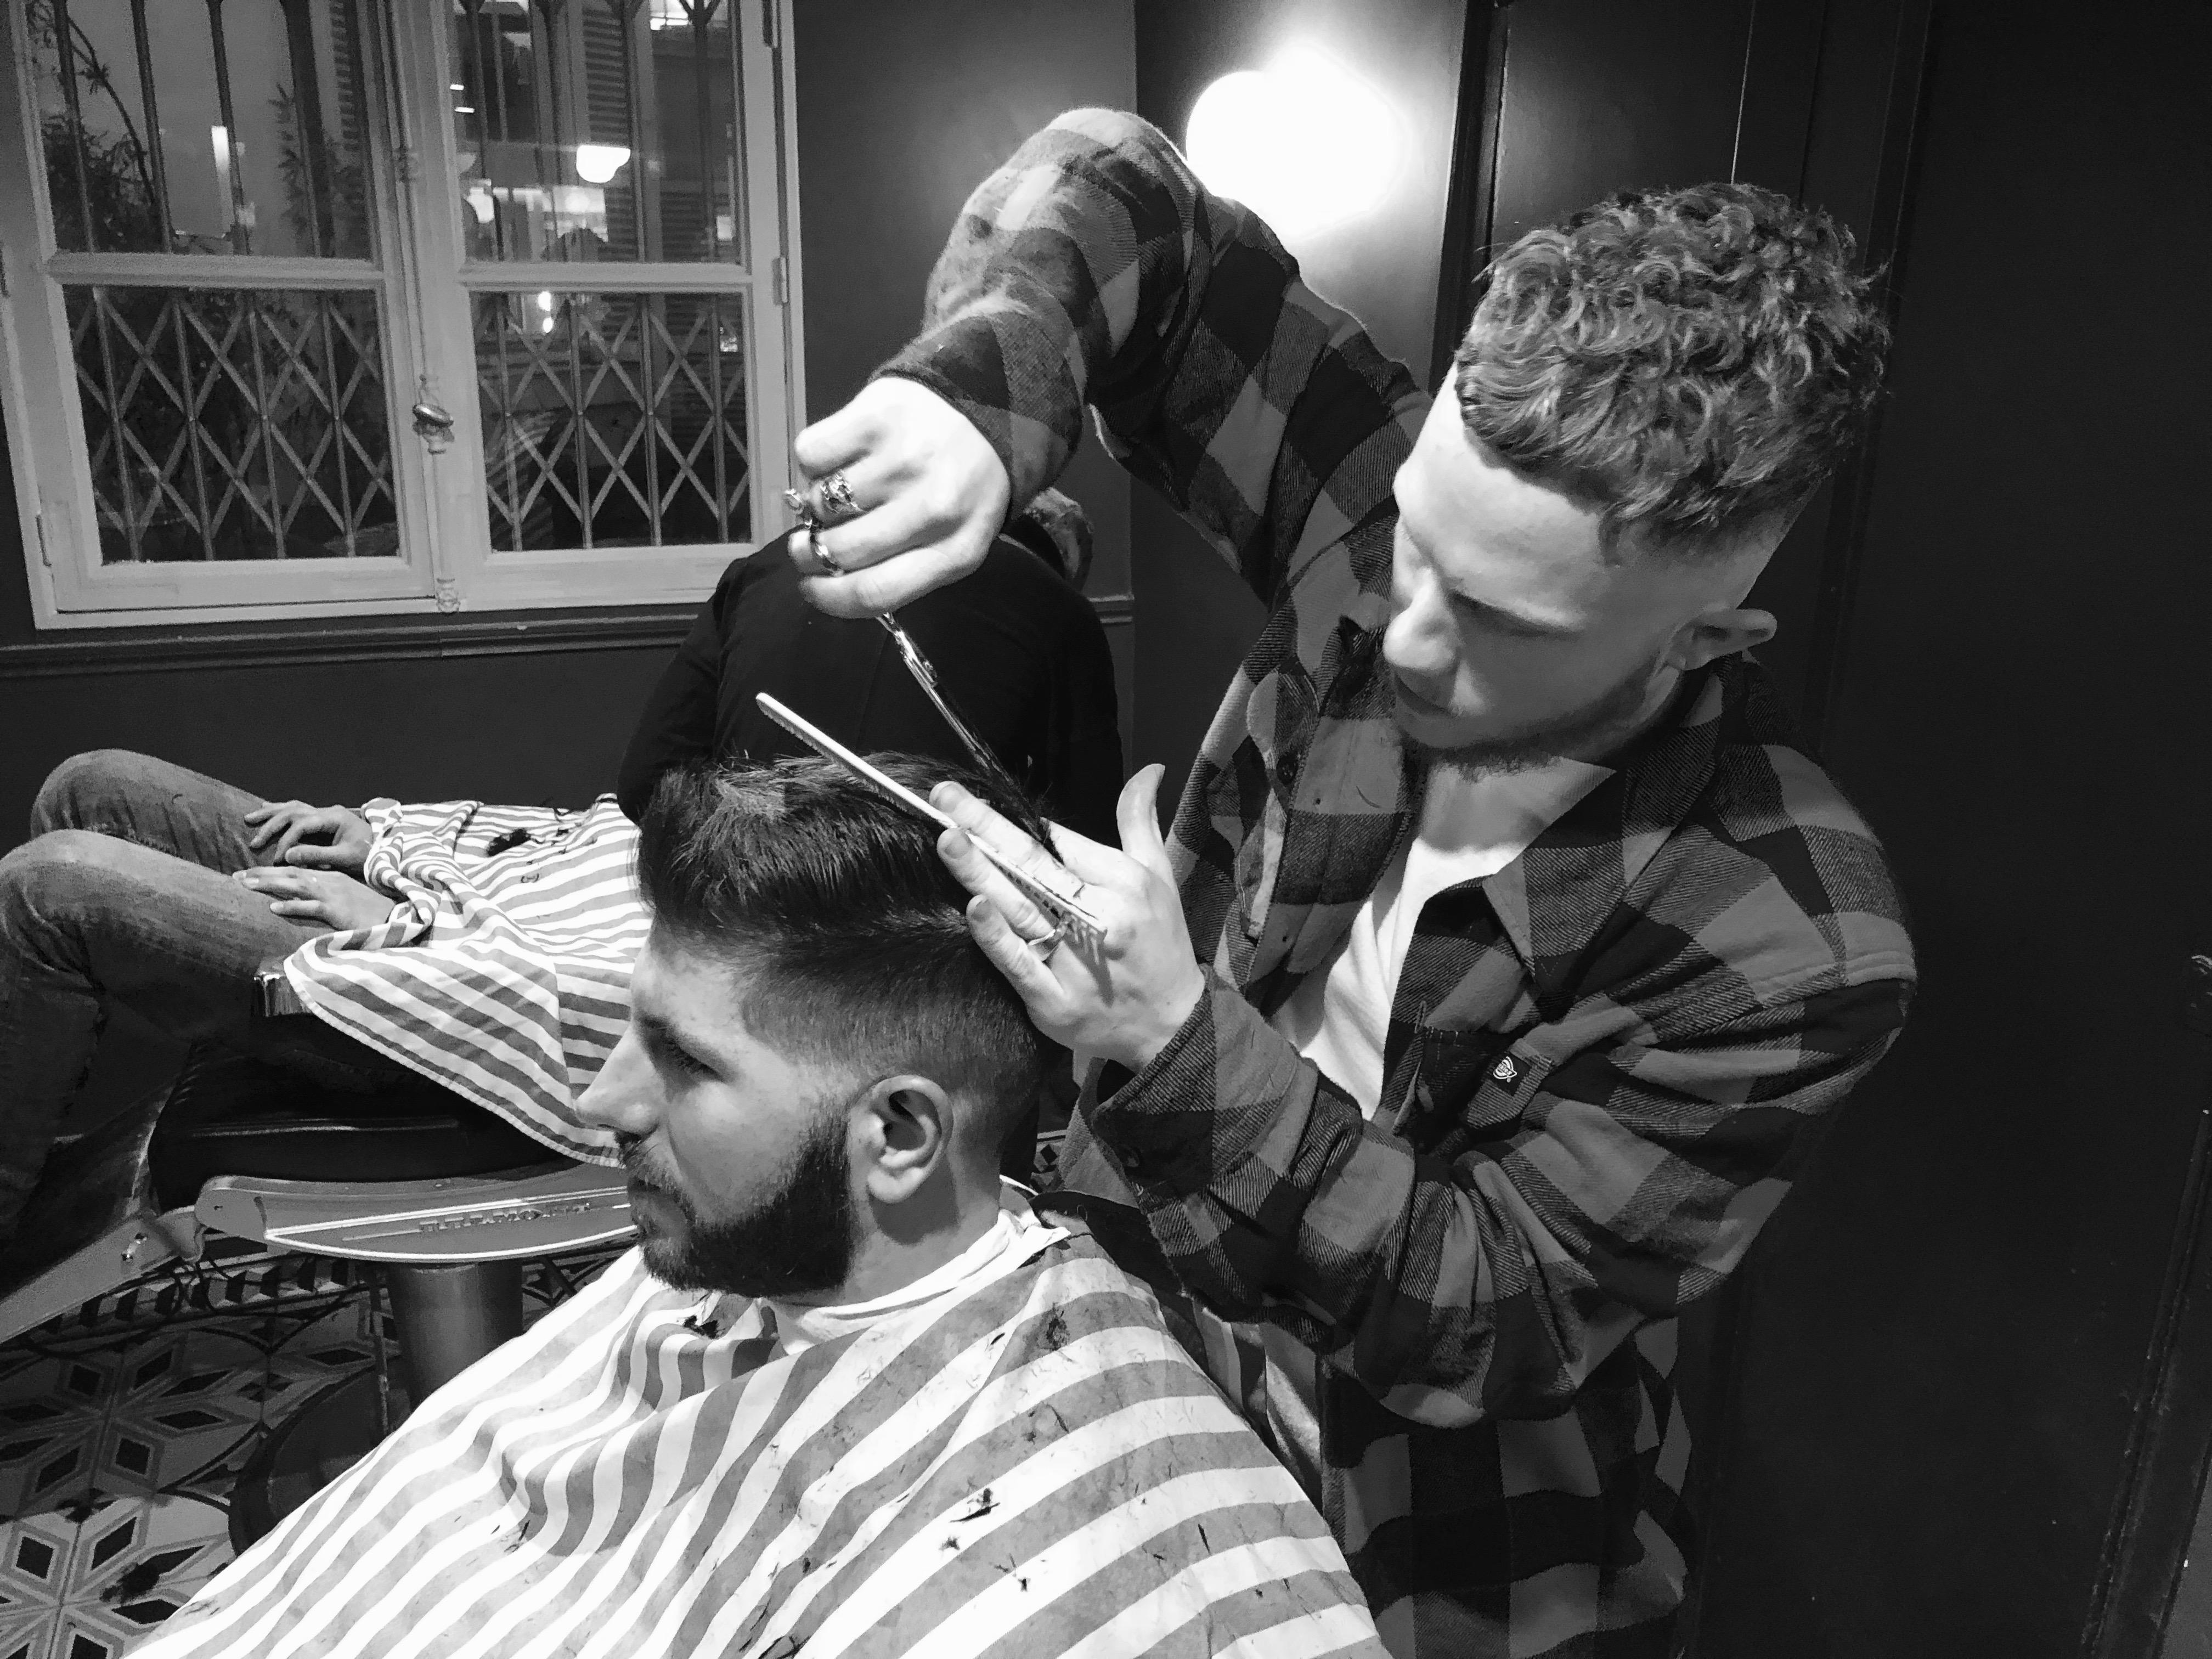 Max Les Garçons Barbiers Coiffeur Barbier Paris